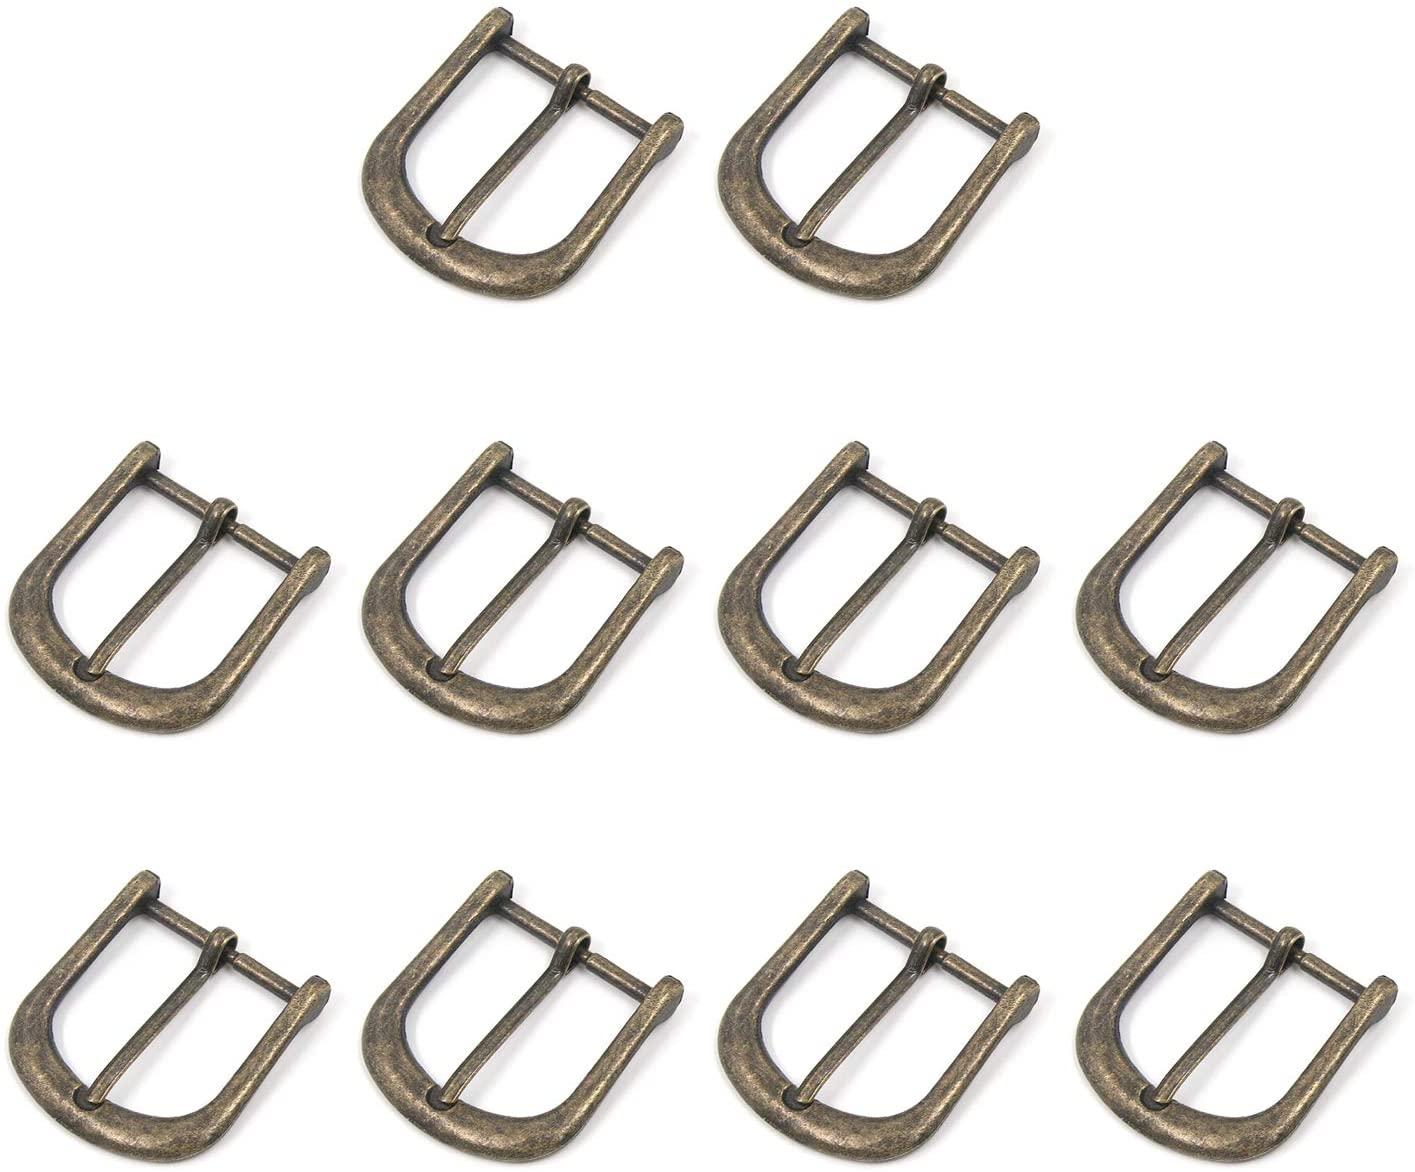 Geesatis 10 PCS 1.2 Roller Buckles Bronze Belt Buckle with Roller Adjustable Rectangle Ring for Belt Strap Metal Belts Hardware